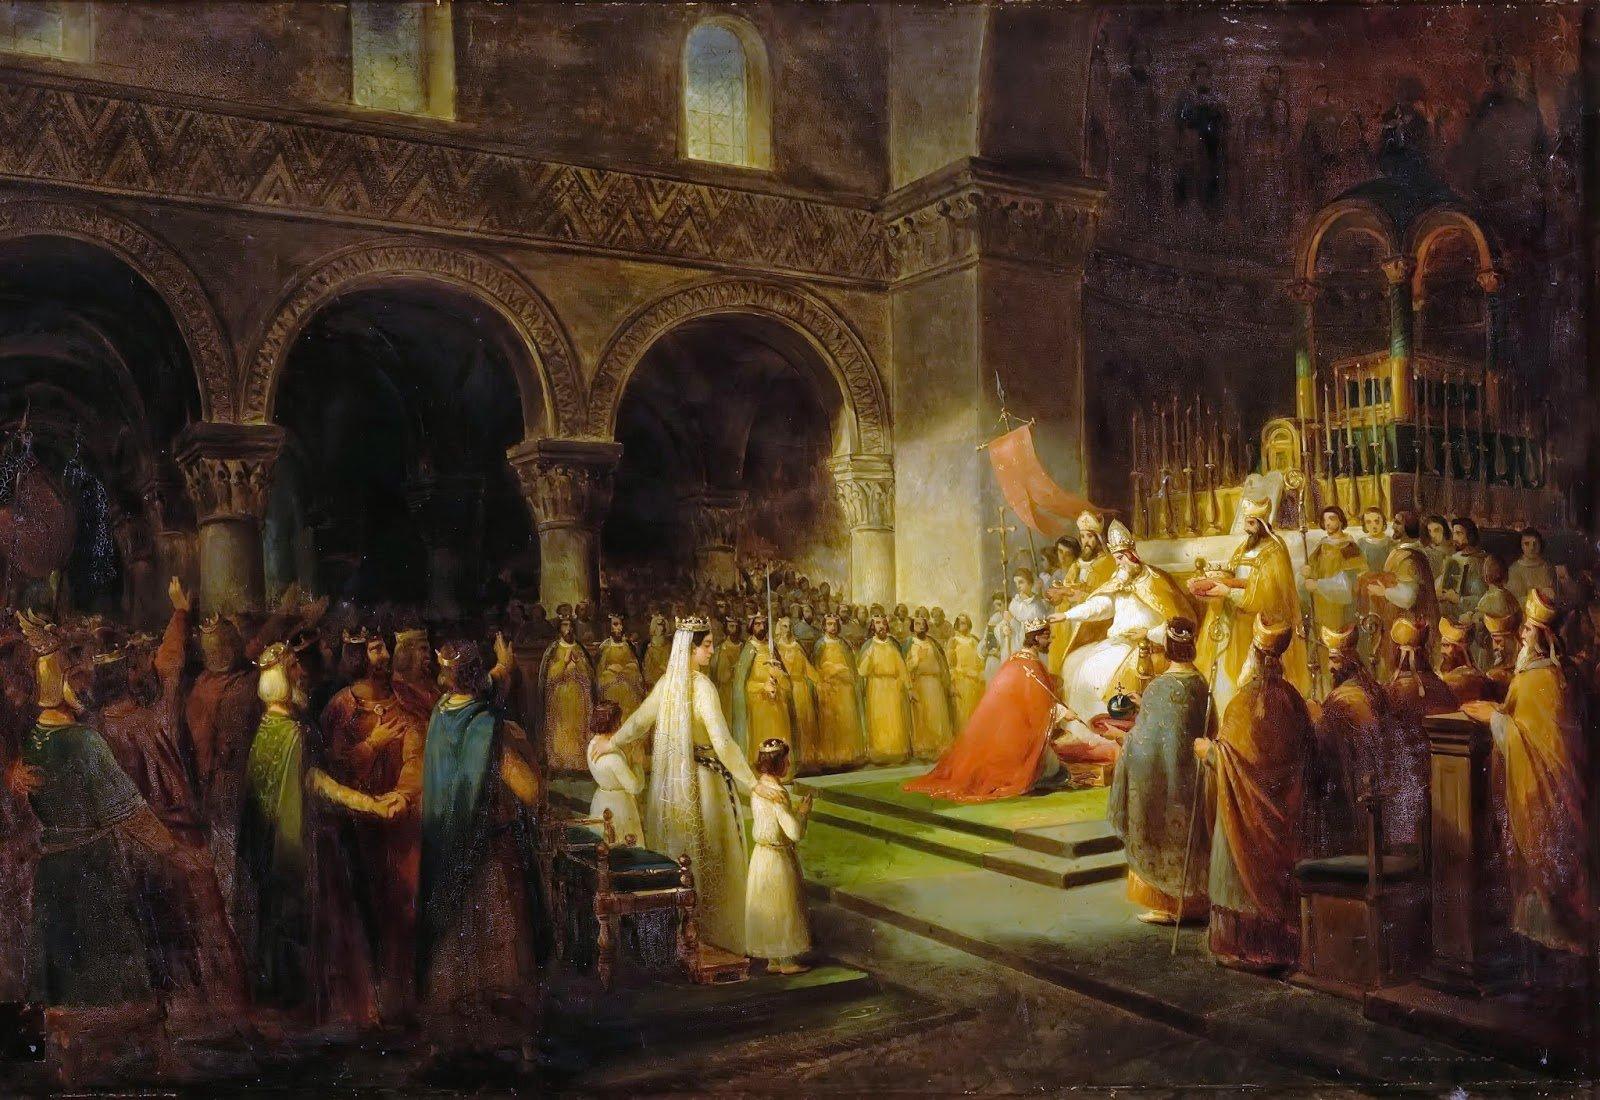 Коронация Пипина Короткого.